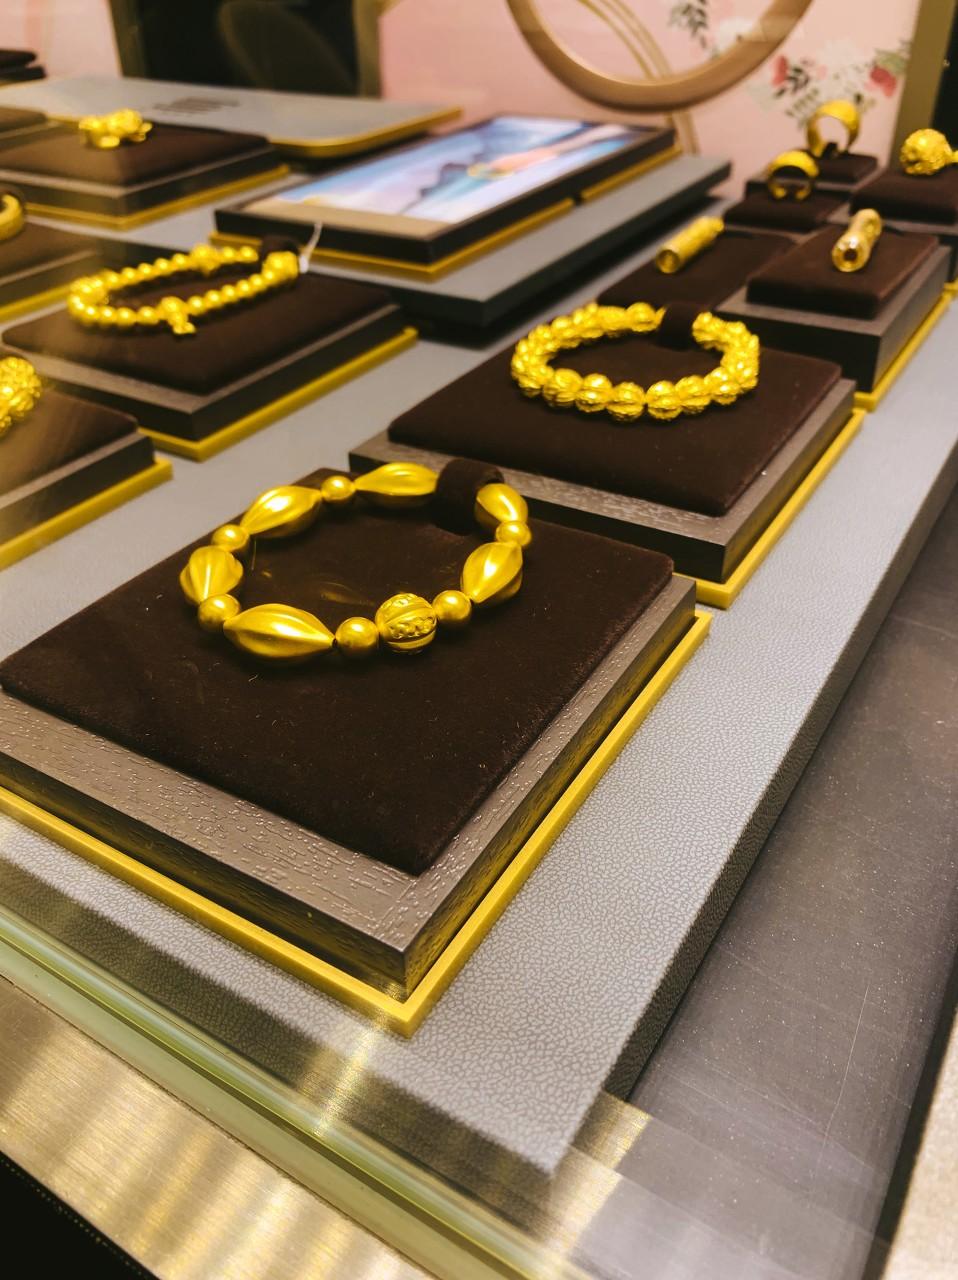 扬州黄金珠宝首饰抽检结果出炉 合格率为73.5%。